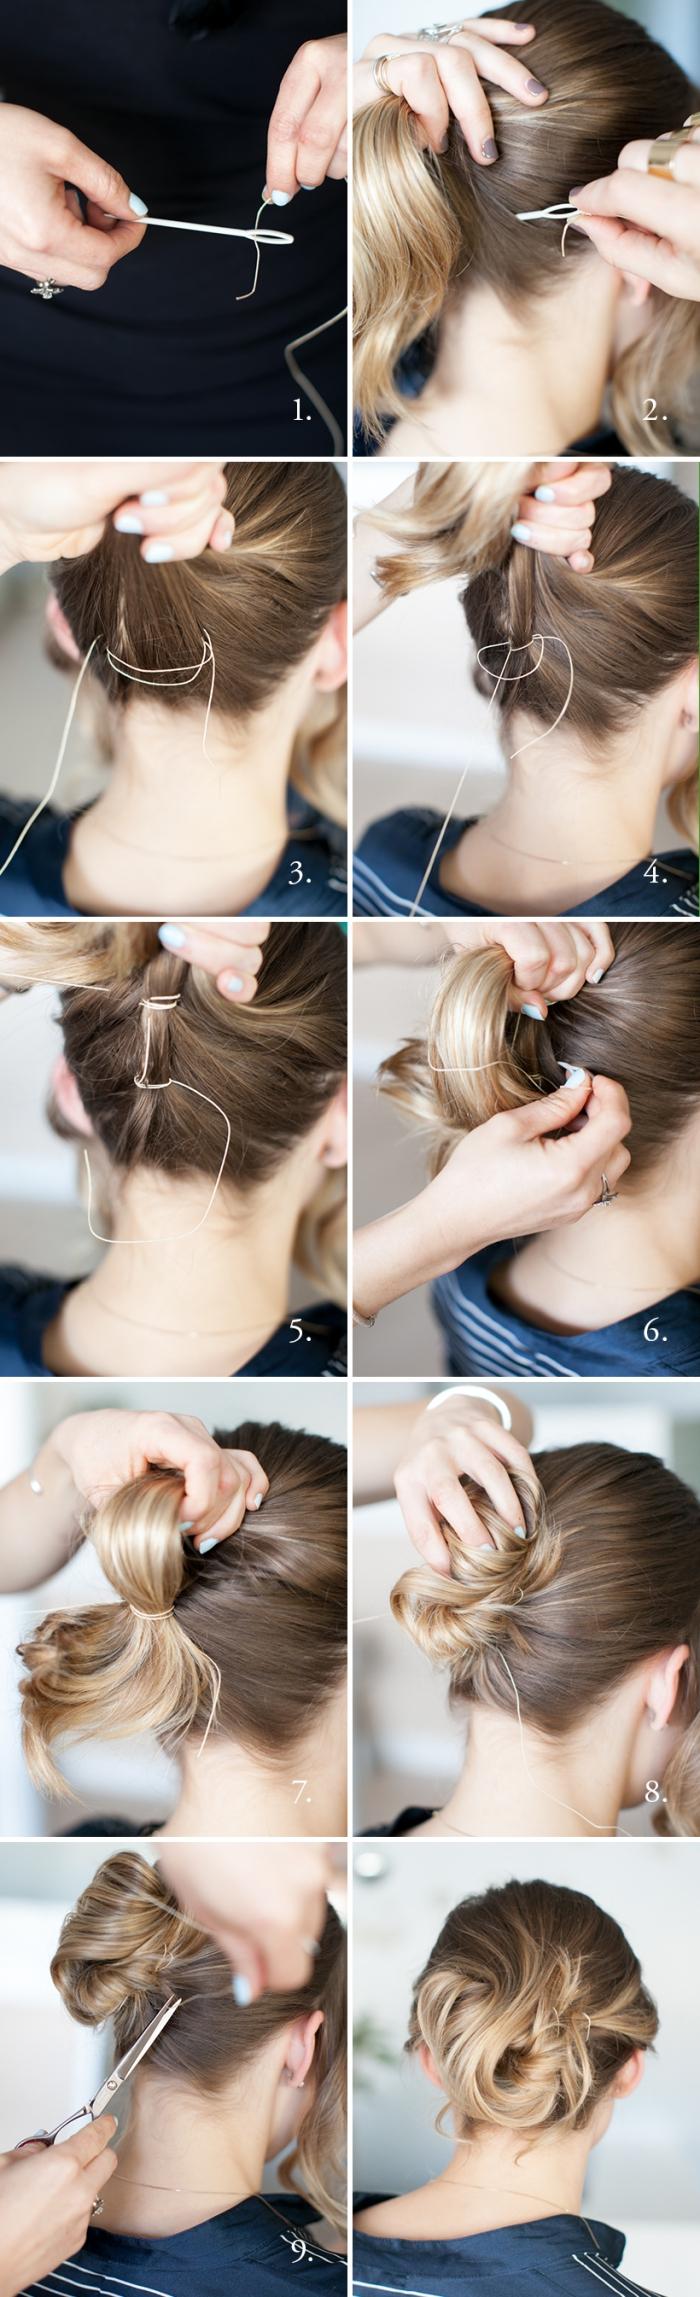 frisuren halblang, festliches haarstyling zum selbermachen, kurze haare hochstecken, haarfrisuren anleitung